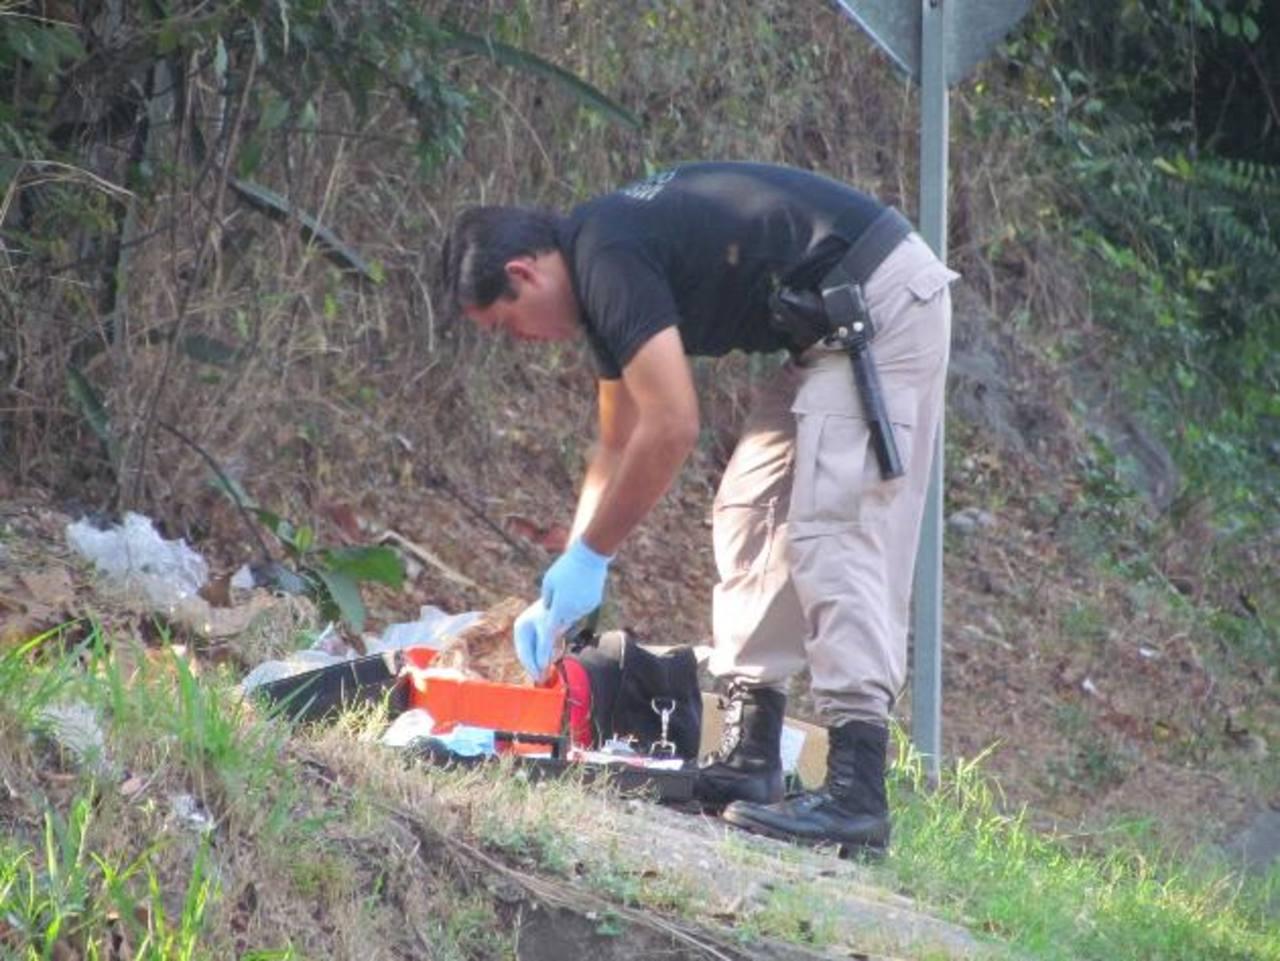 El hallazgo ocurrió en el kilómetro 70 de la carretera que conduce hacia Metapán.